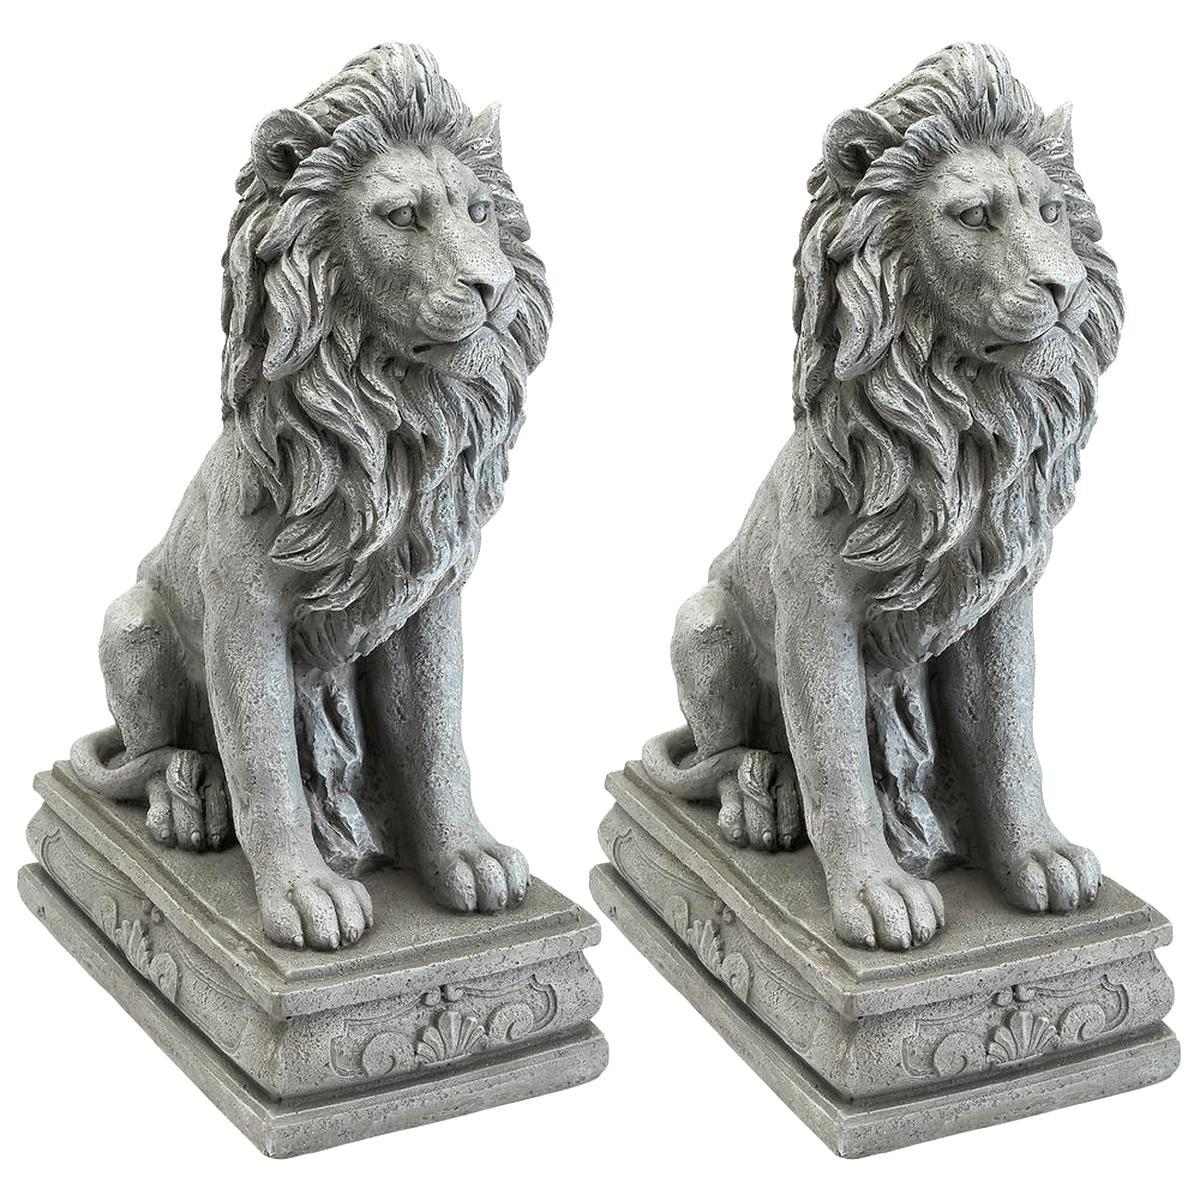 Lion Statue D'occasion | Plus Que 3 À -75% tout Statues De Jardin Occasion